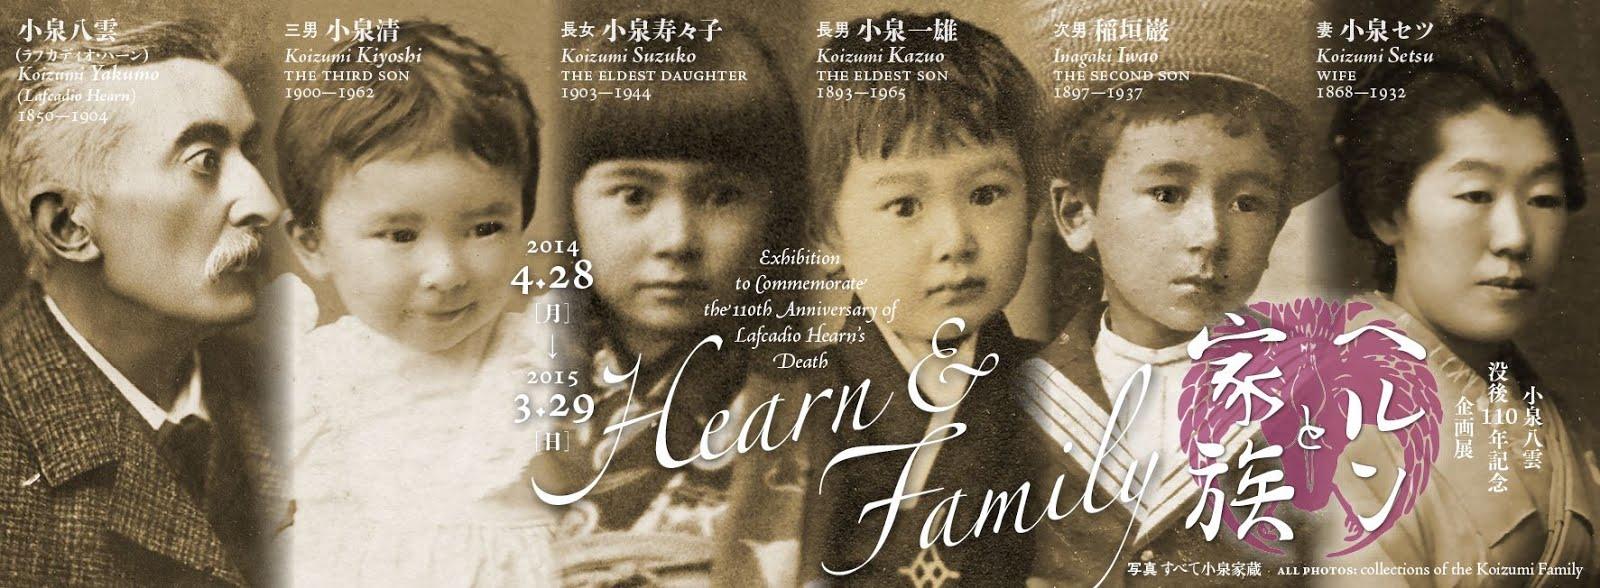 ヘルンと家族 小泉八雲没後110年記念企画展